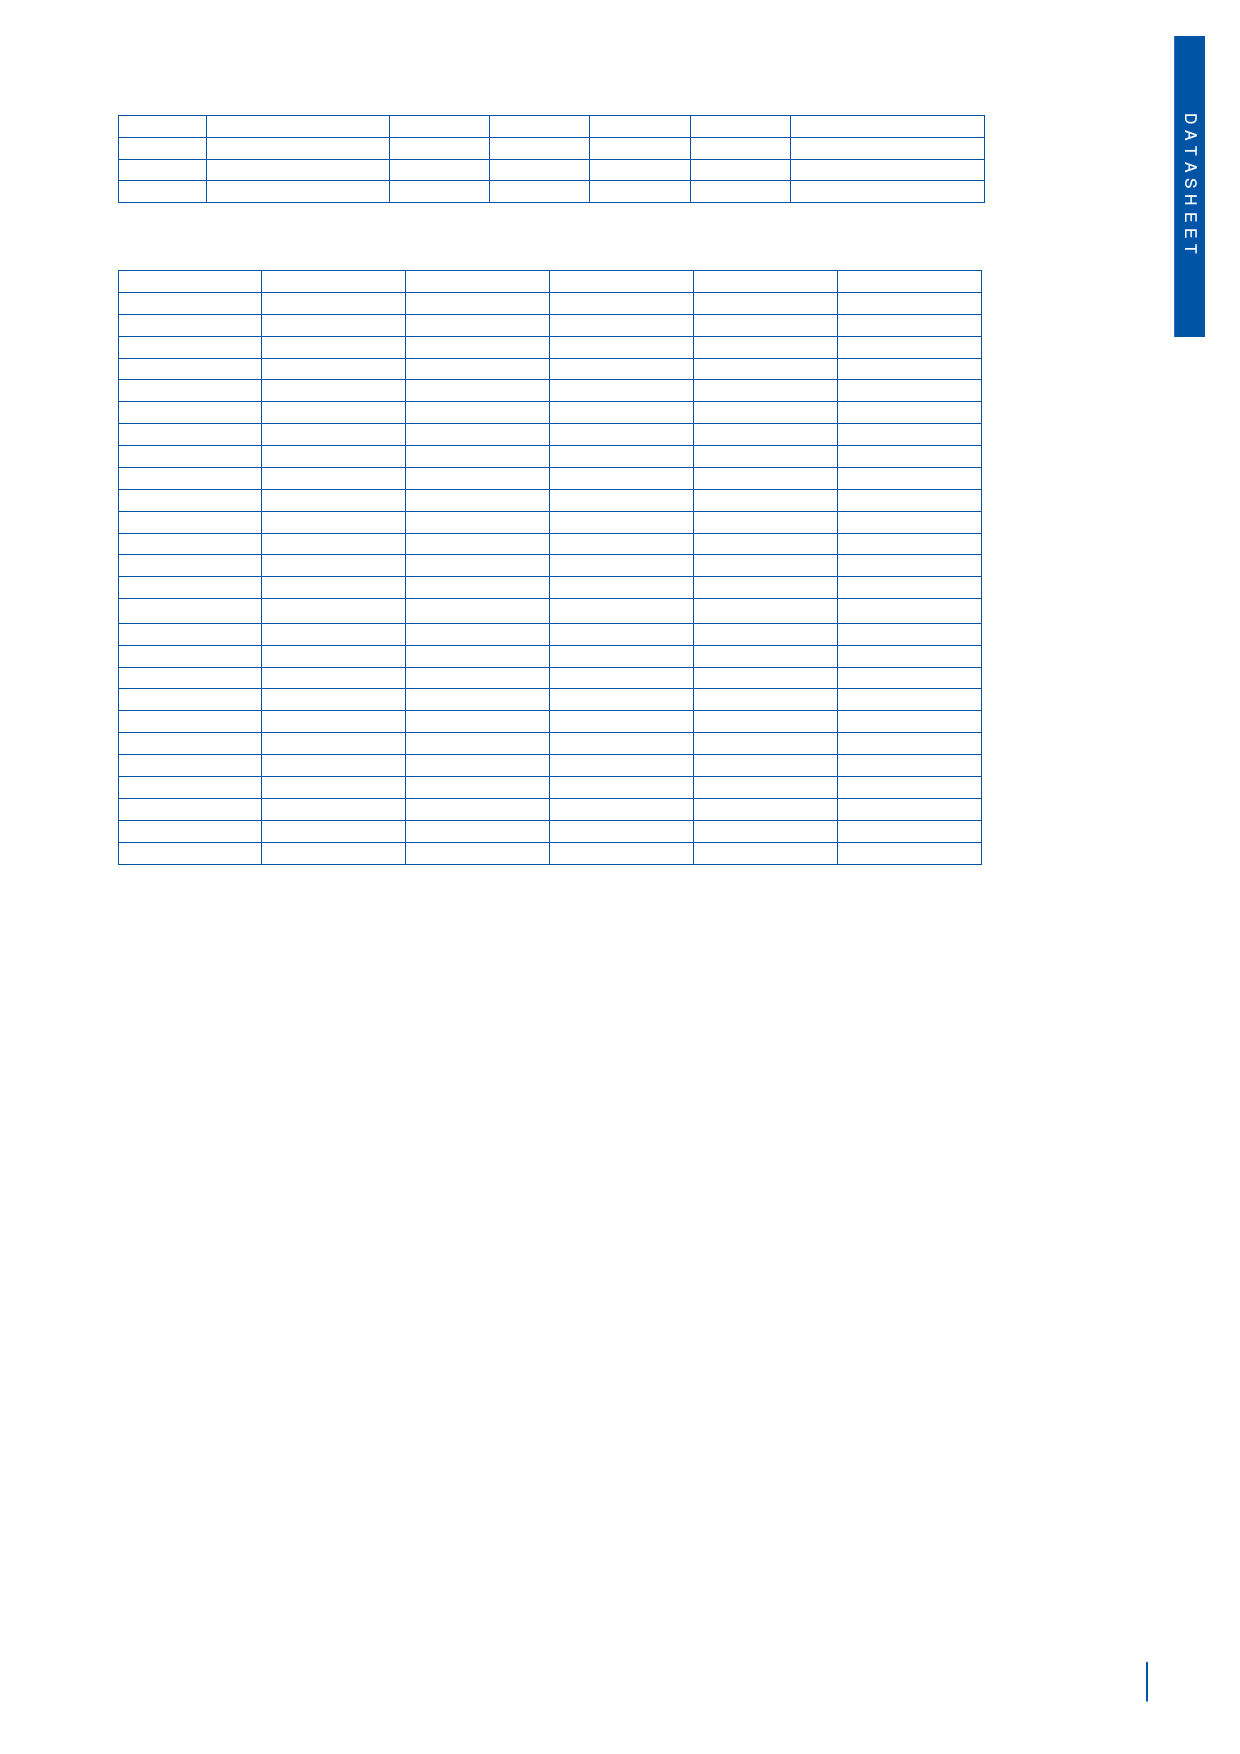 TPS3367 pdf